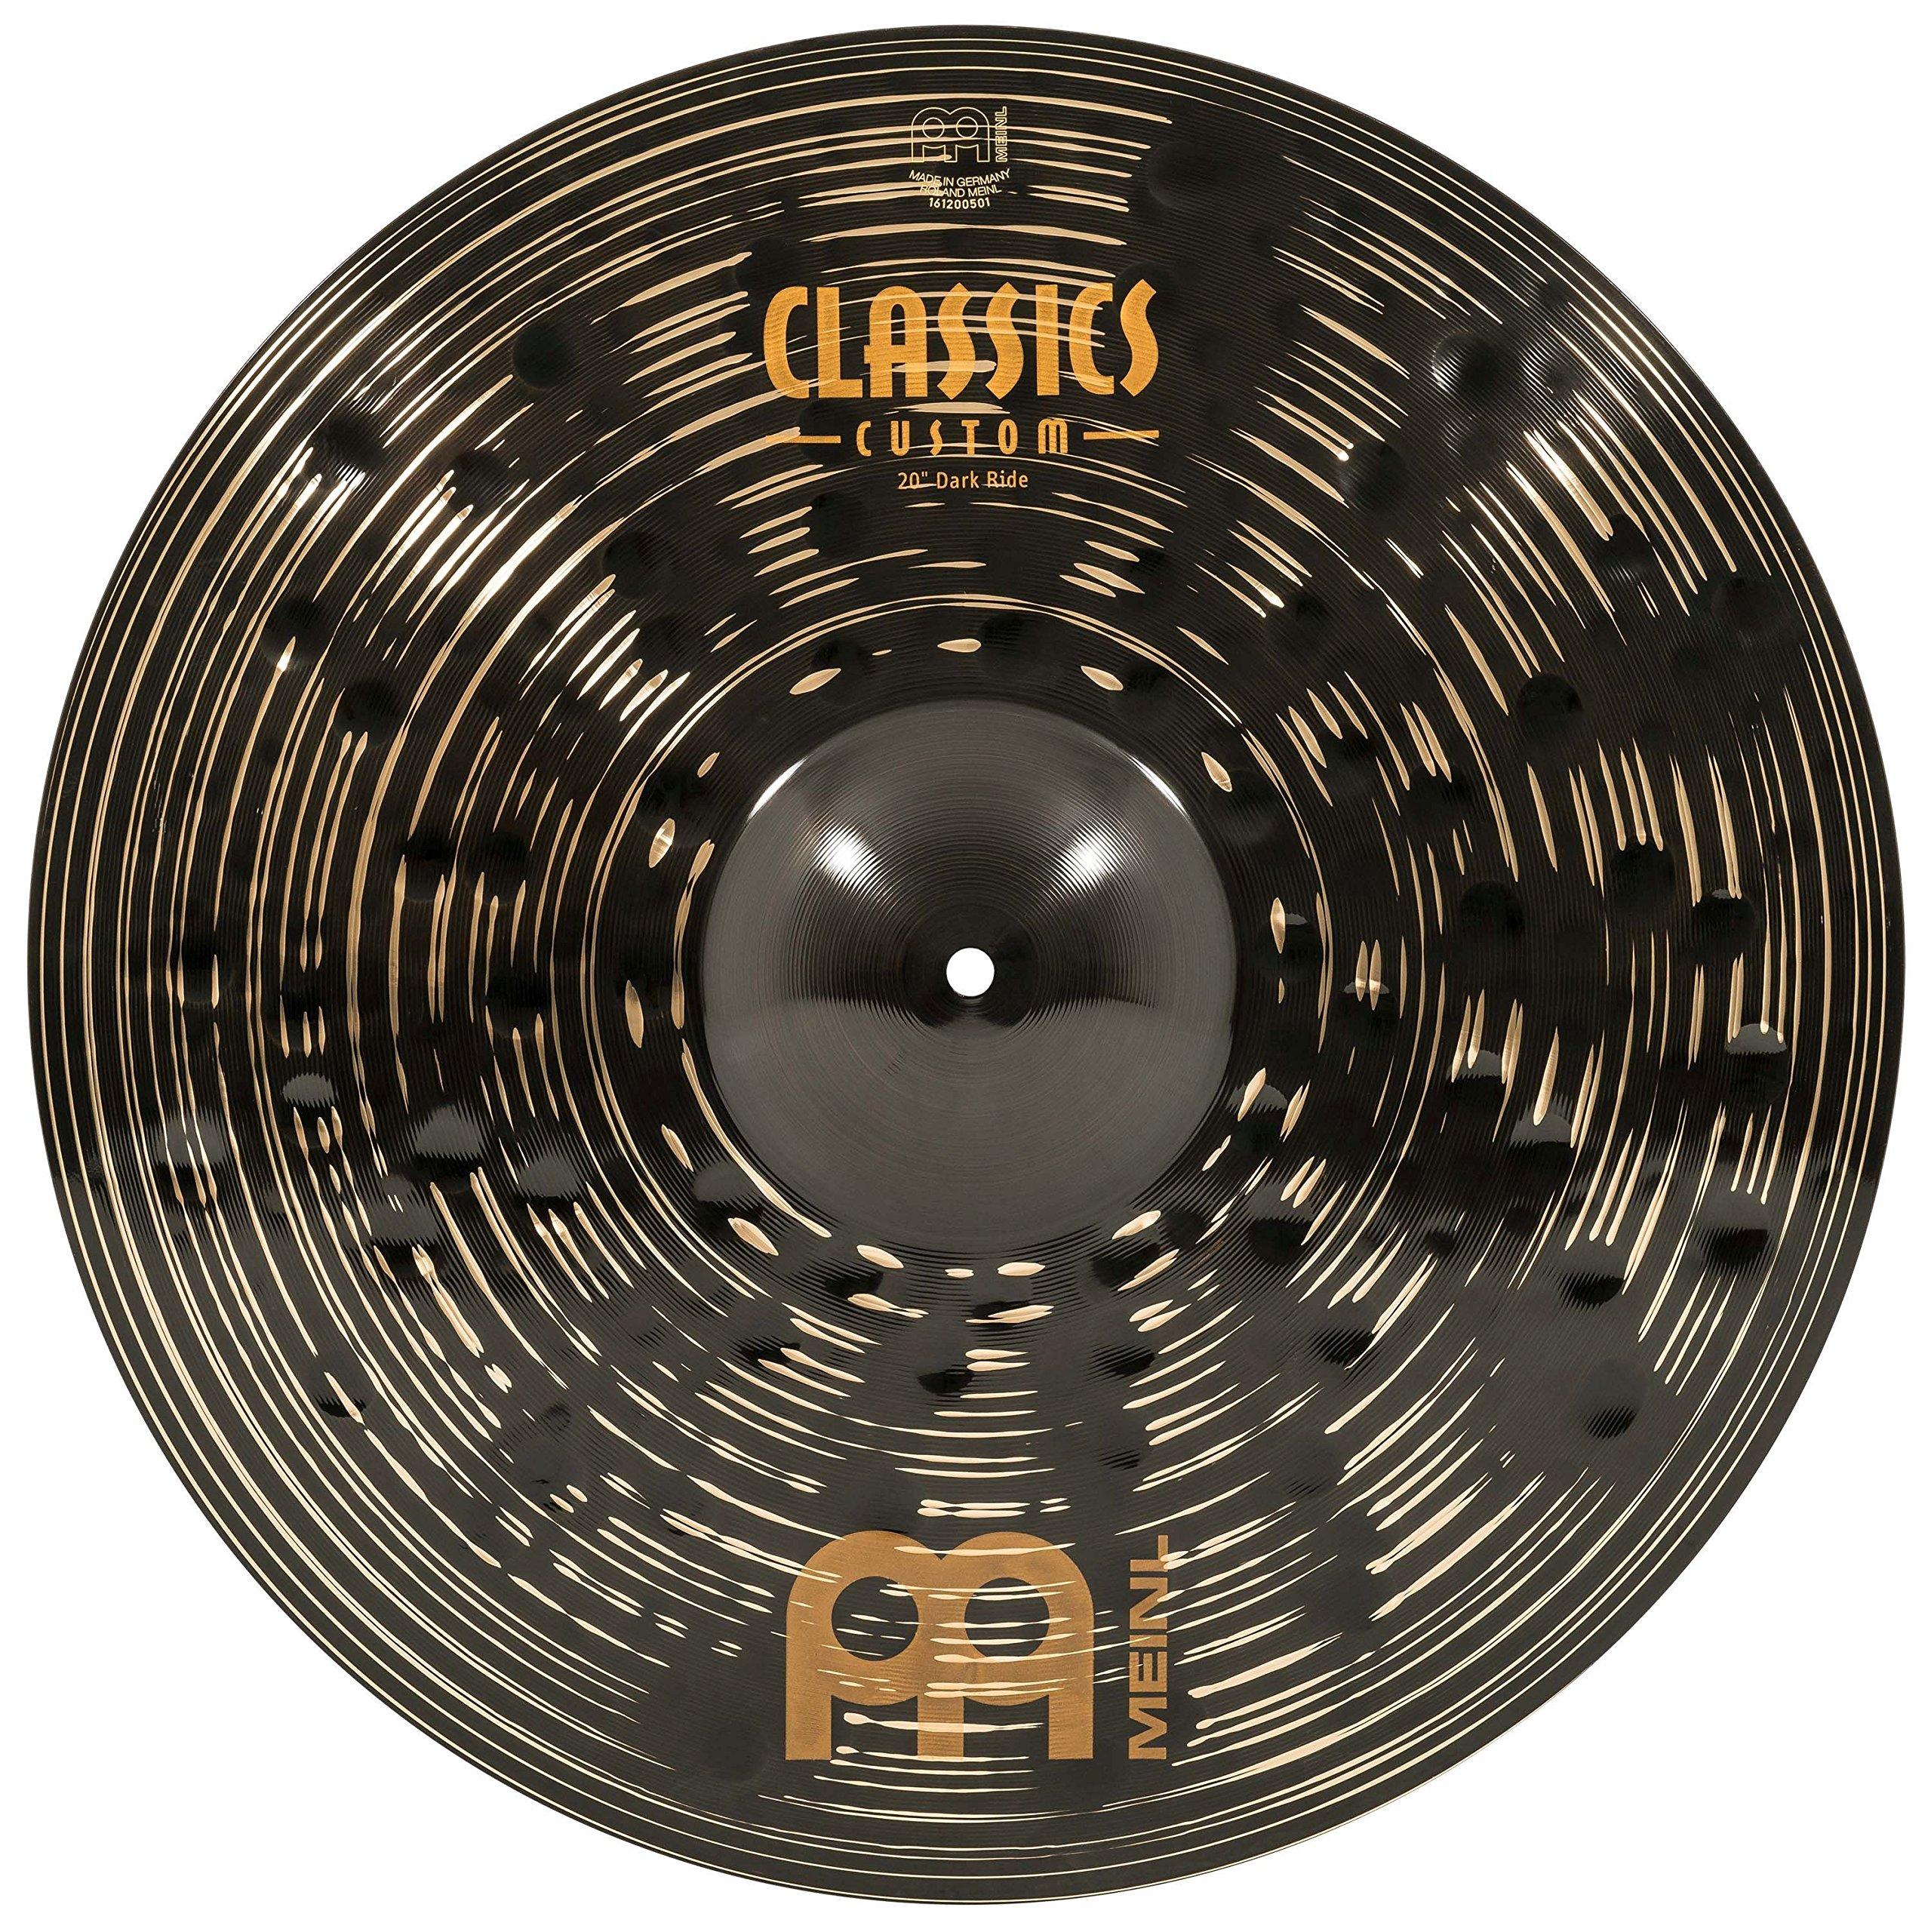 Meinl 20'' Ride Cymbal - Classics Custom Dark - Made in Germany, 2-YEAR WARRANTY (CC20DAR)